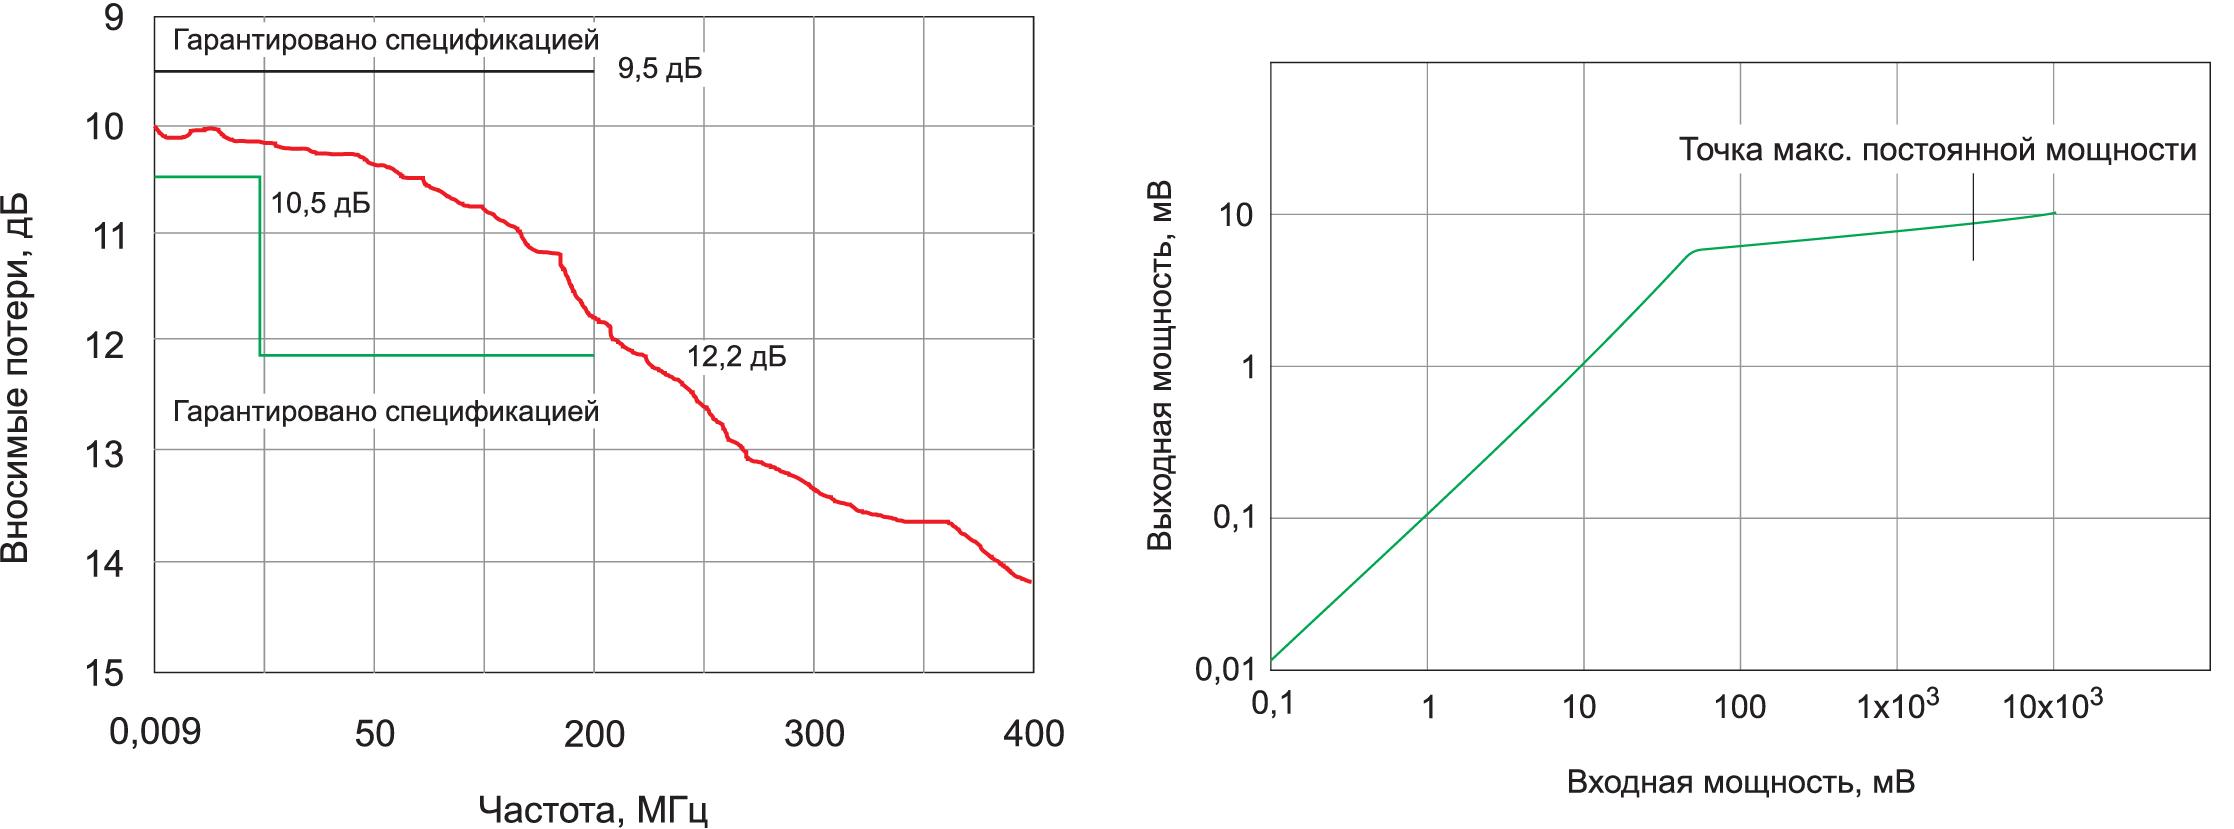 Амплитудно-частотная характеристика и кривая ограничения ограничителя переходных процессов GPL-5010 от компании GW Instek